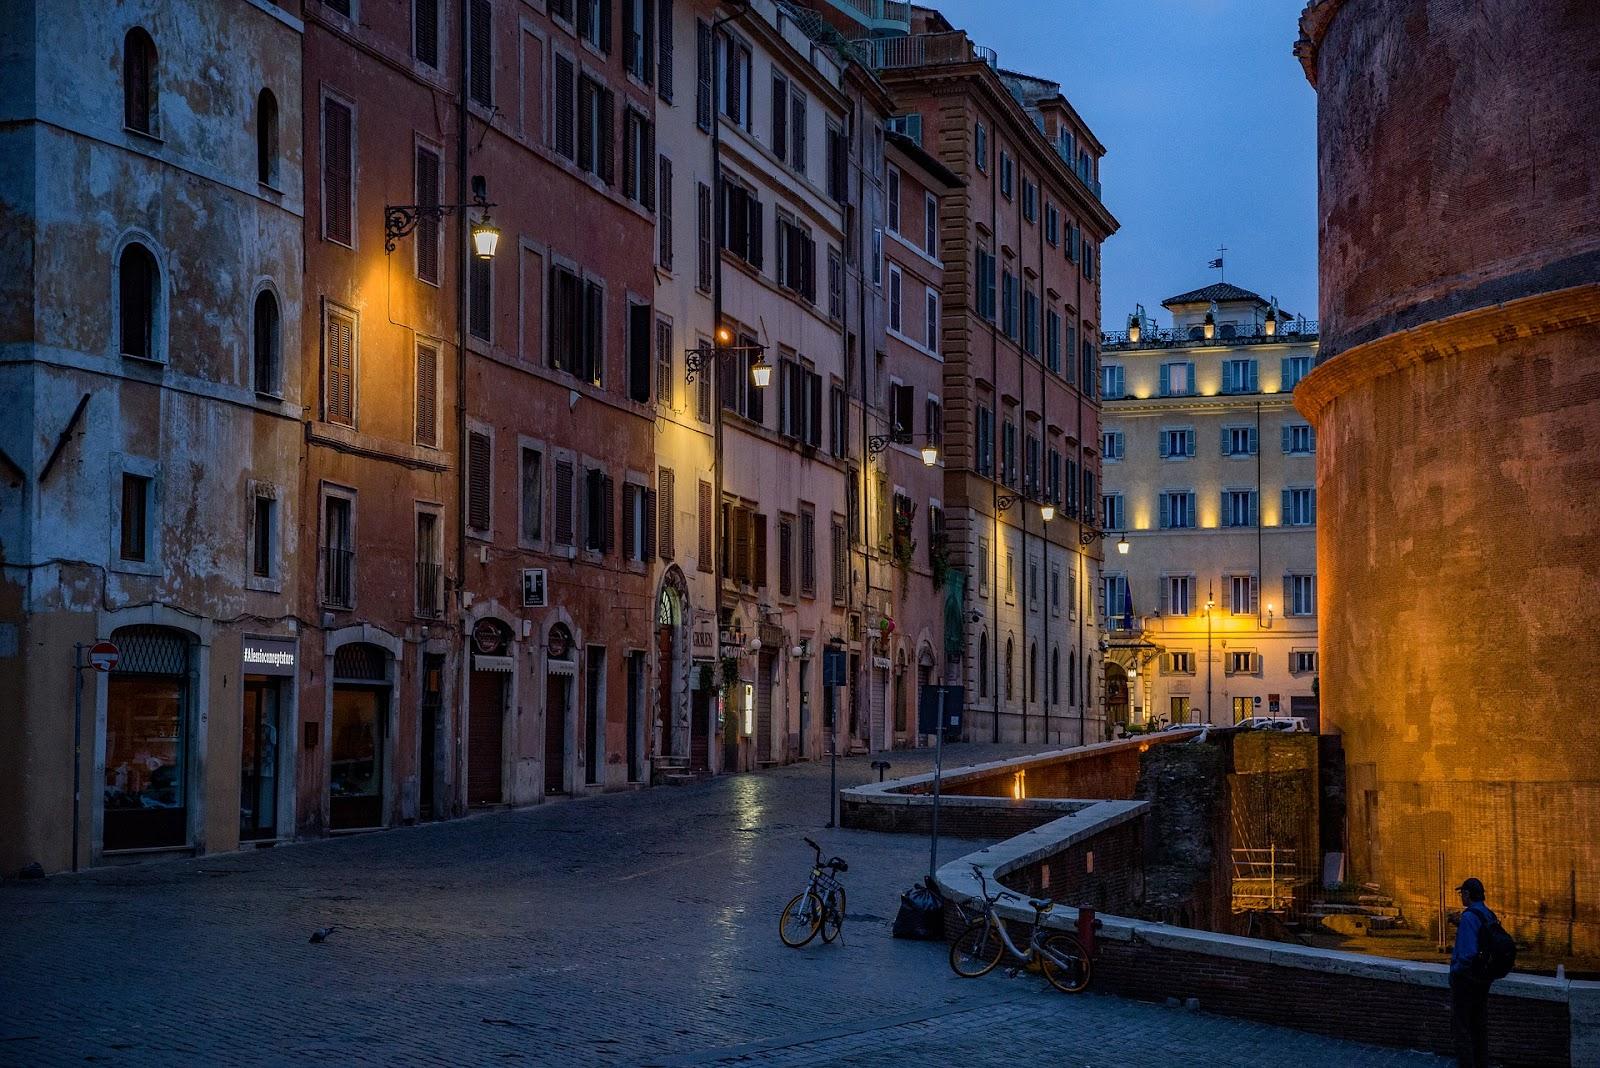 רחוב ברומא עם אופניים ותאורת לילה